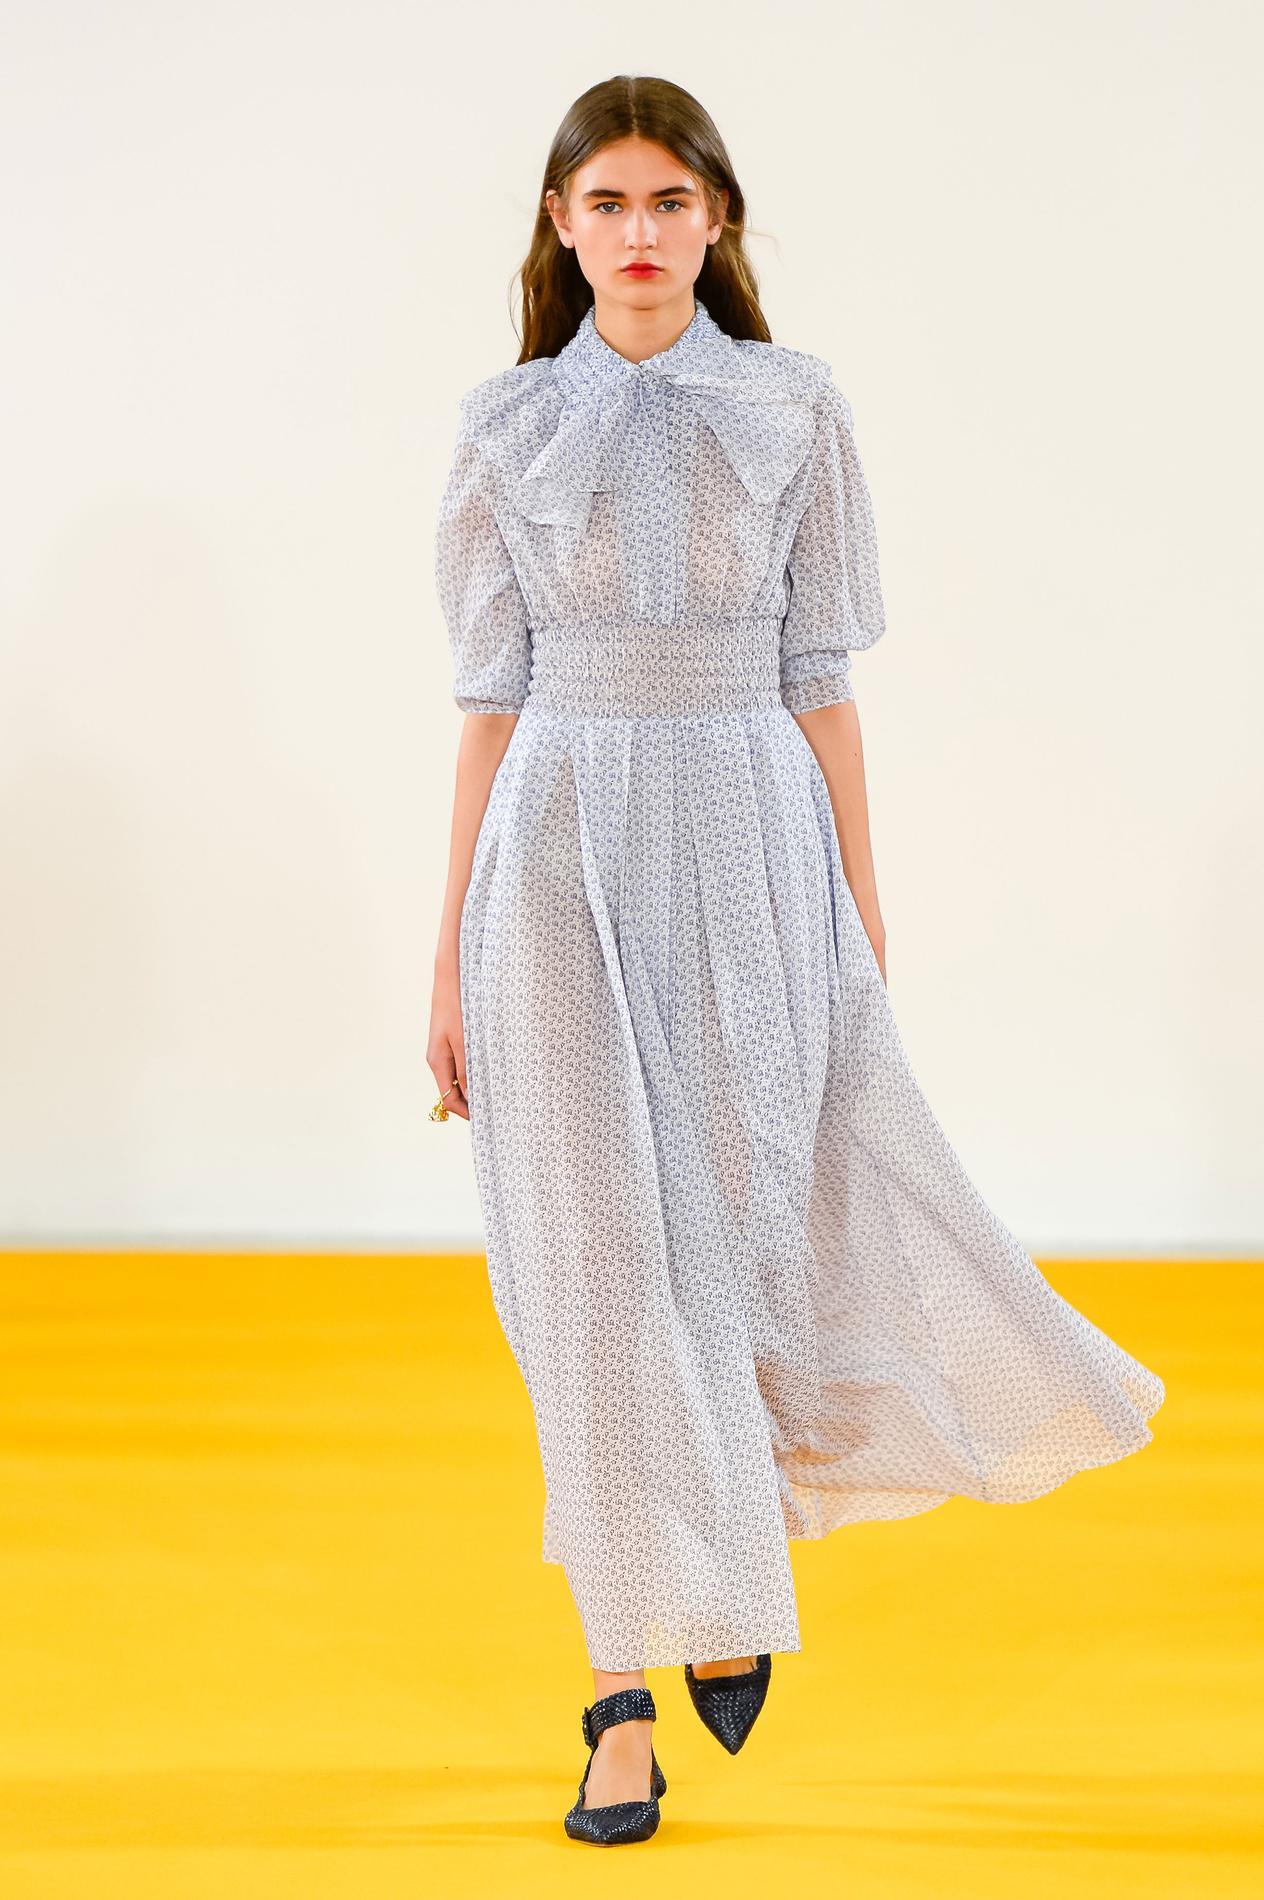 6431800af72 ... Notre sélection de robes extra-longues pour les petites et les grandes  - Emilia Wickstead ...